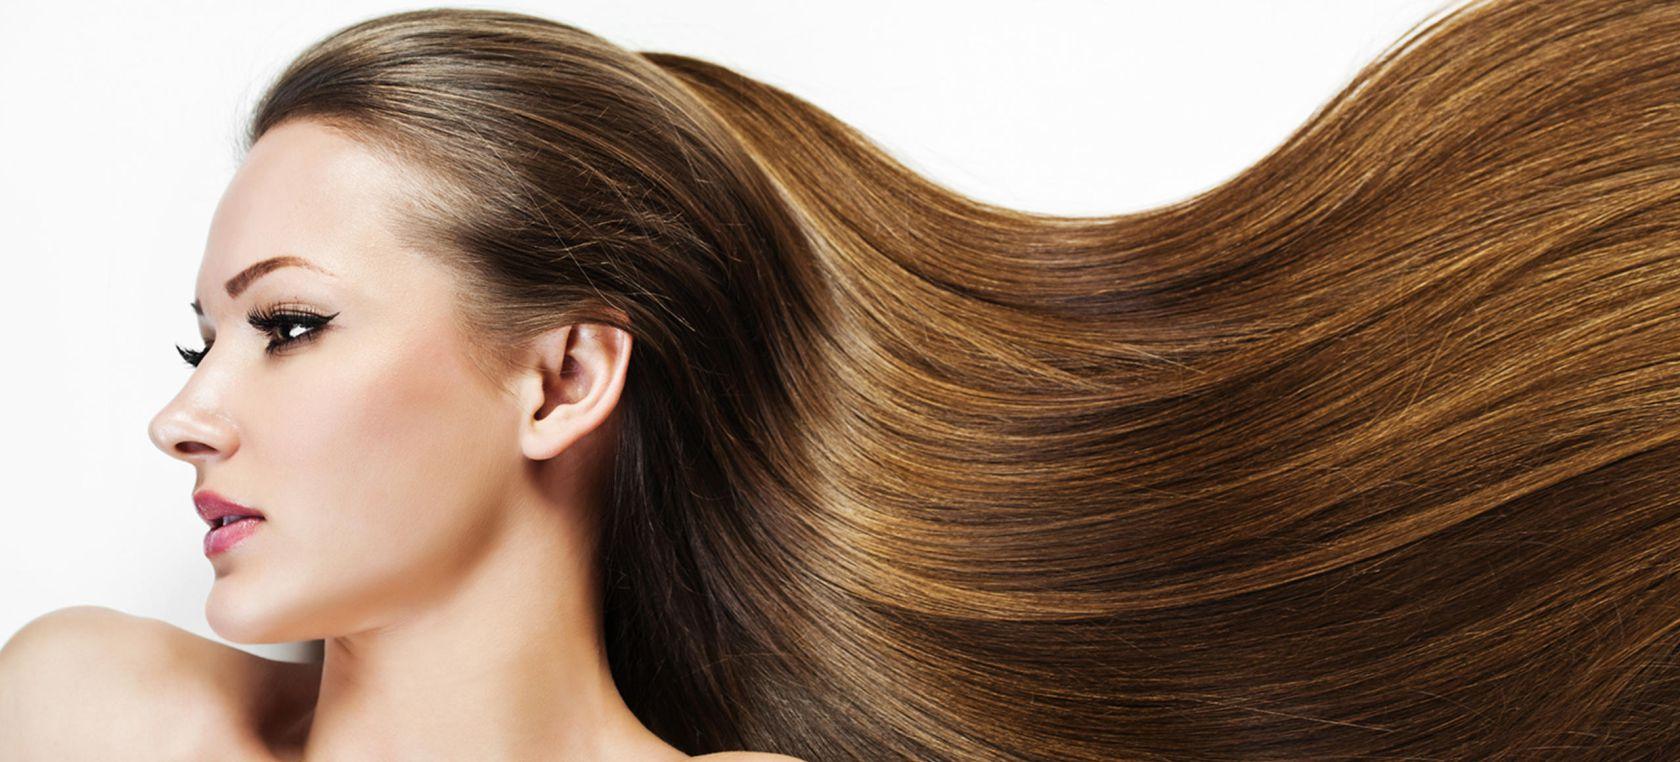 مووهای قهوه ای جذاب ماسک مو برای رشد سریع مو